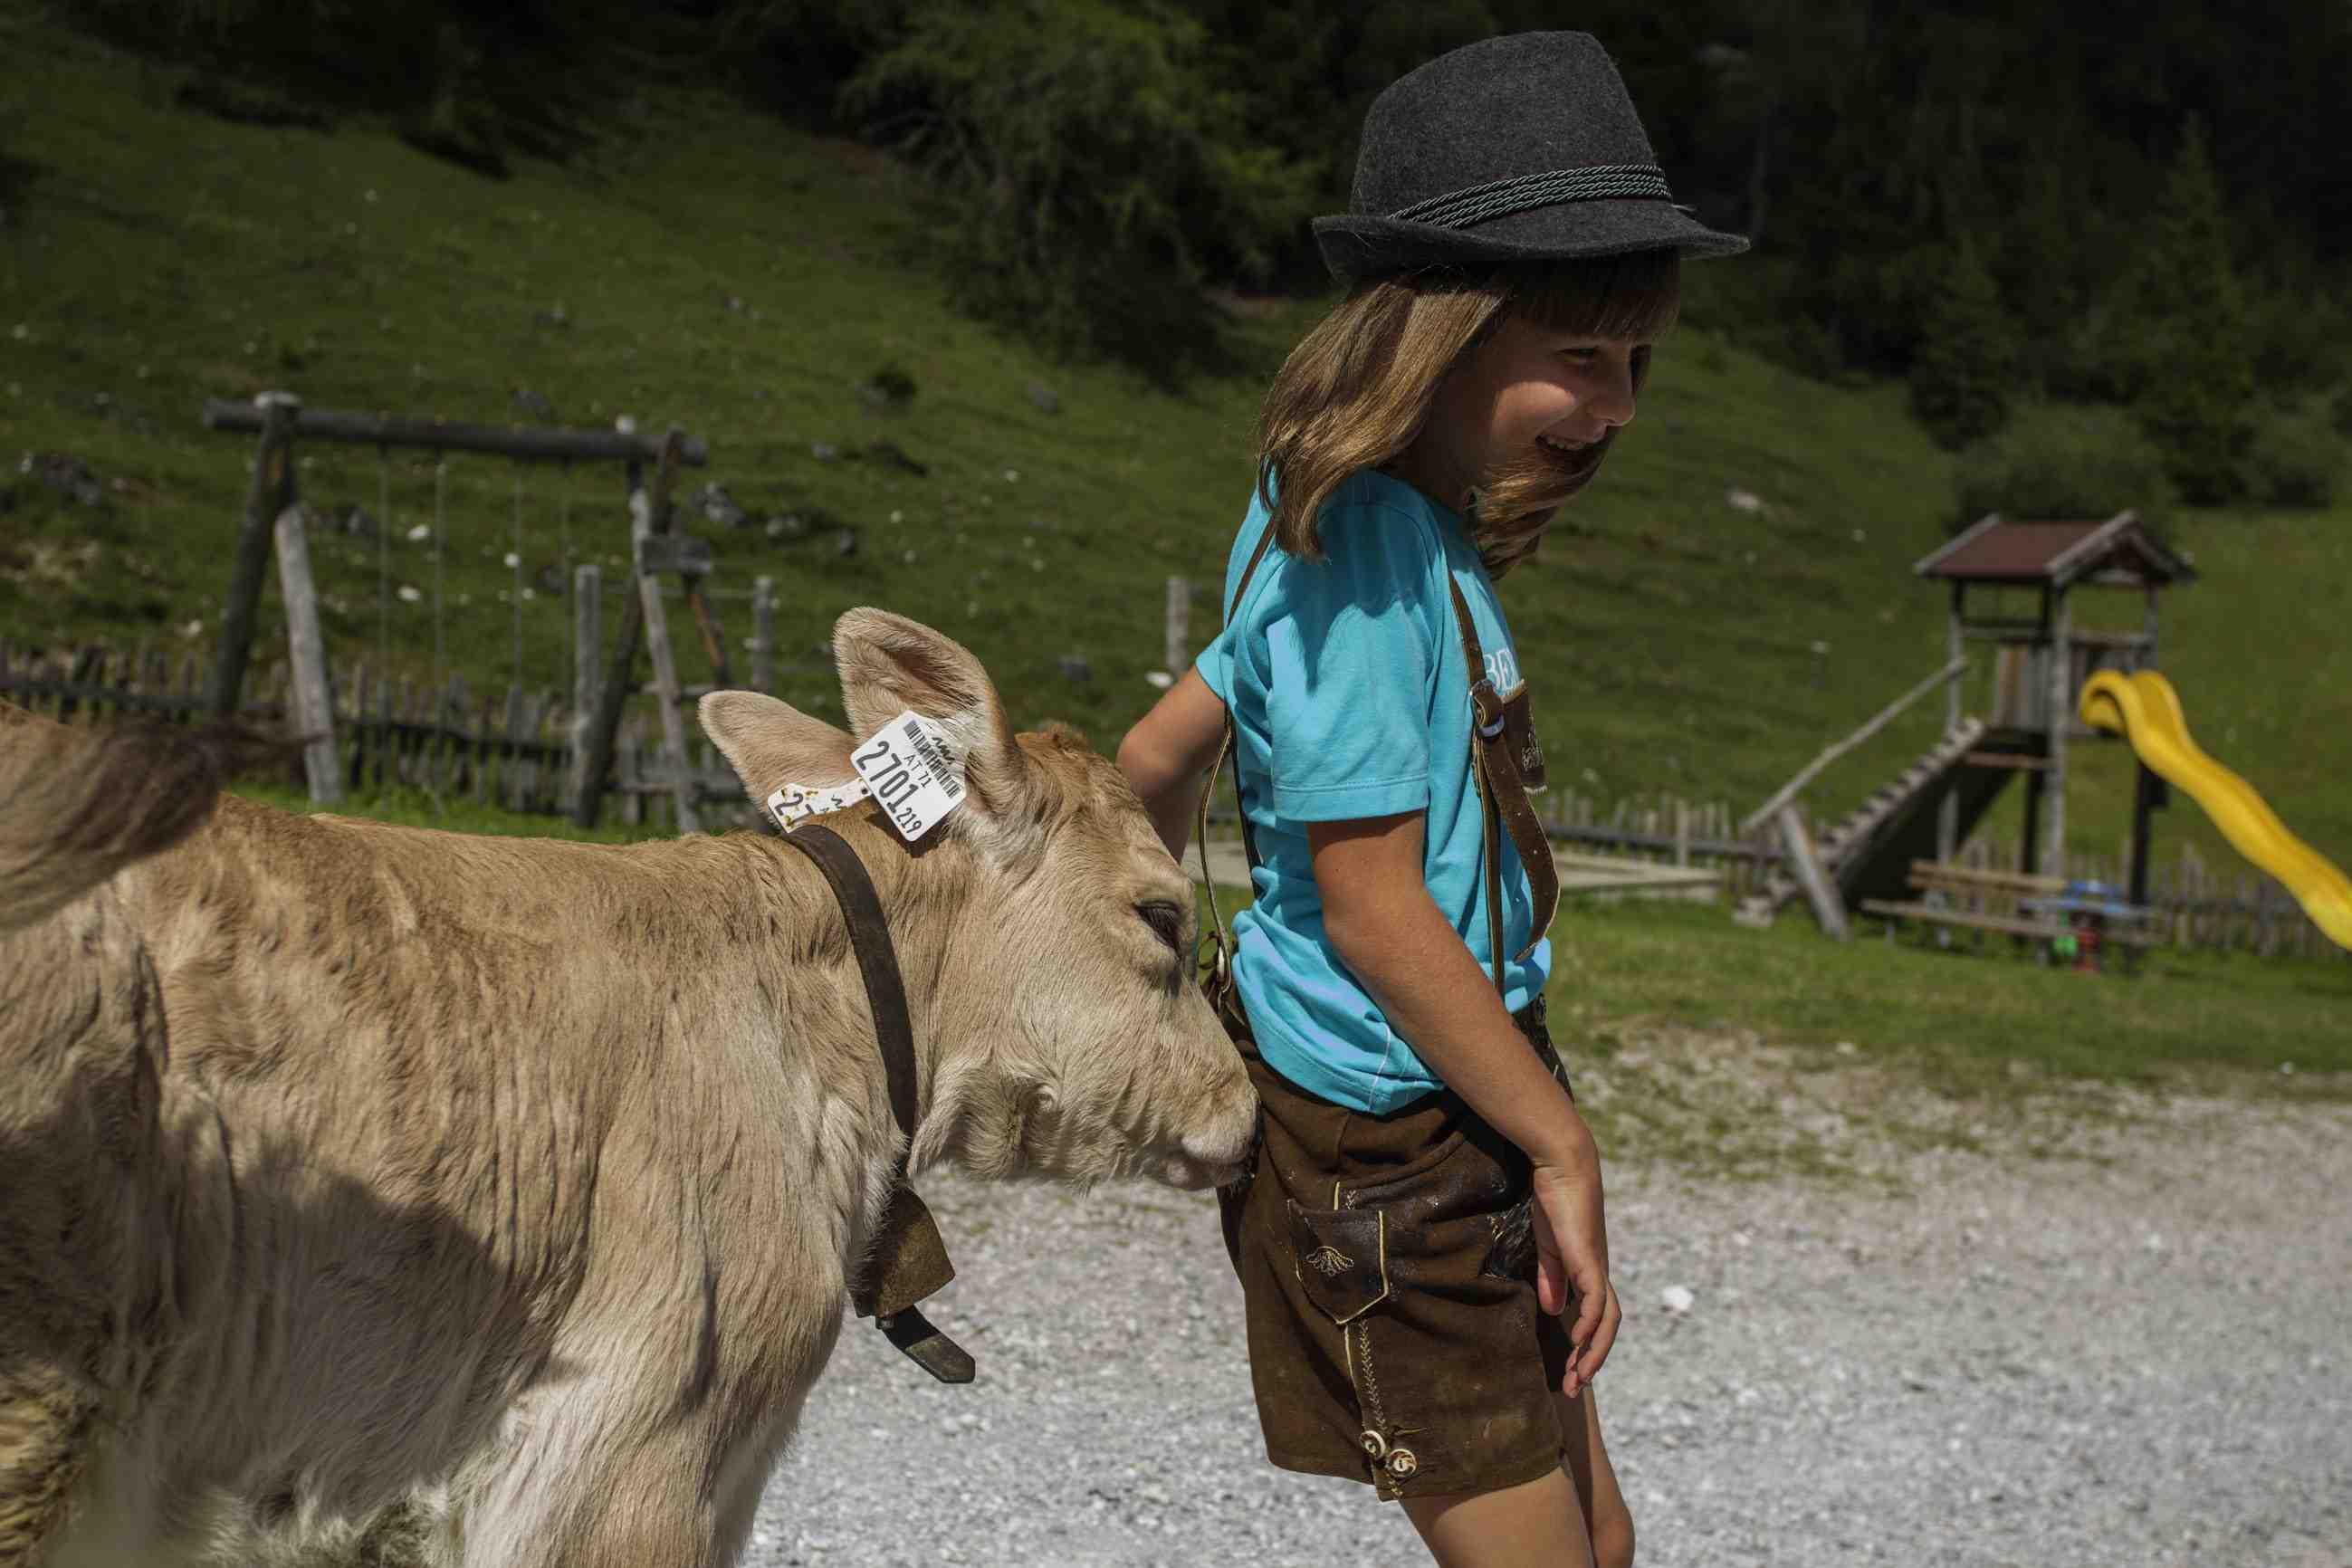 Tiere, Berge und viel Spaß. Das wartet auf den Erlebniswegen beim Urlaub in Tirol auf die Familien. Foto: (c) TW Family Tirol